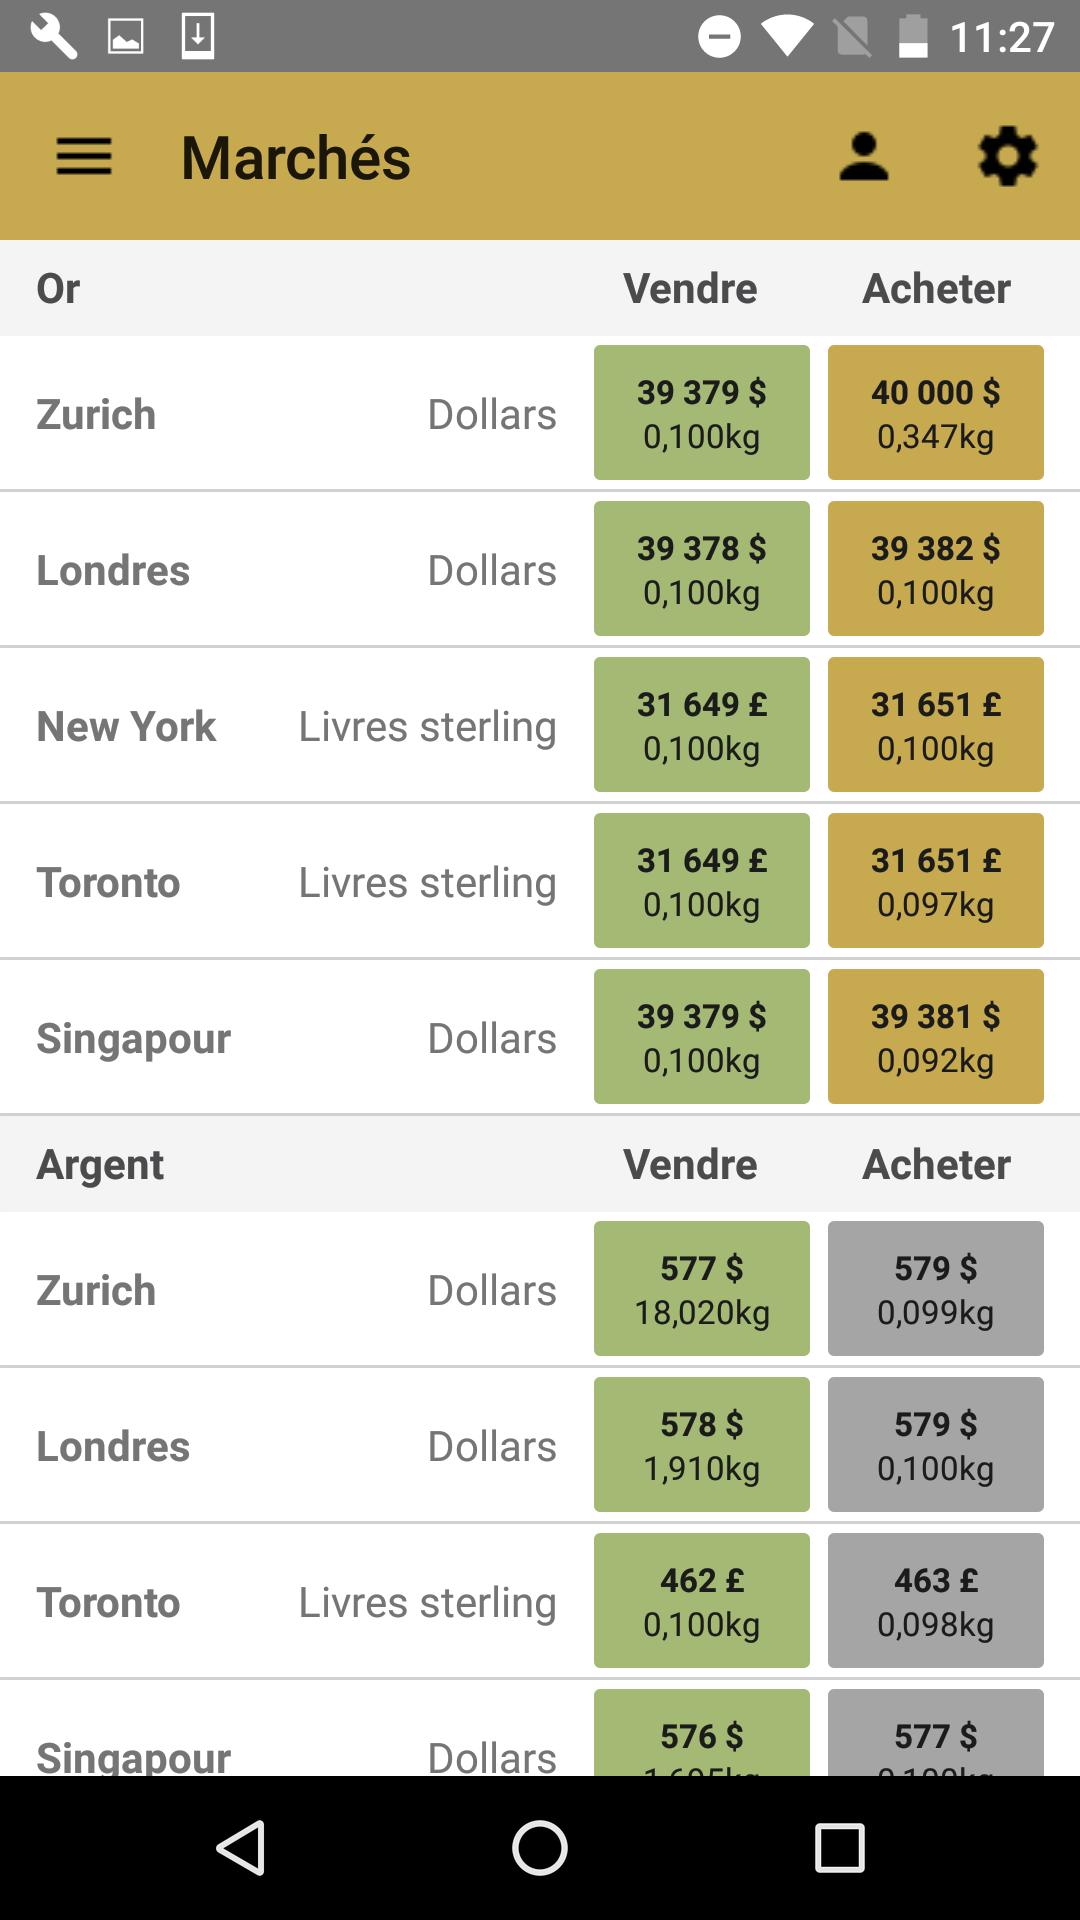 Ecran des marchés pour application iPhone